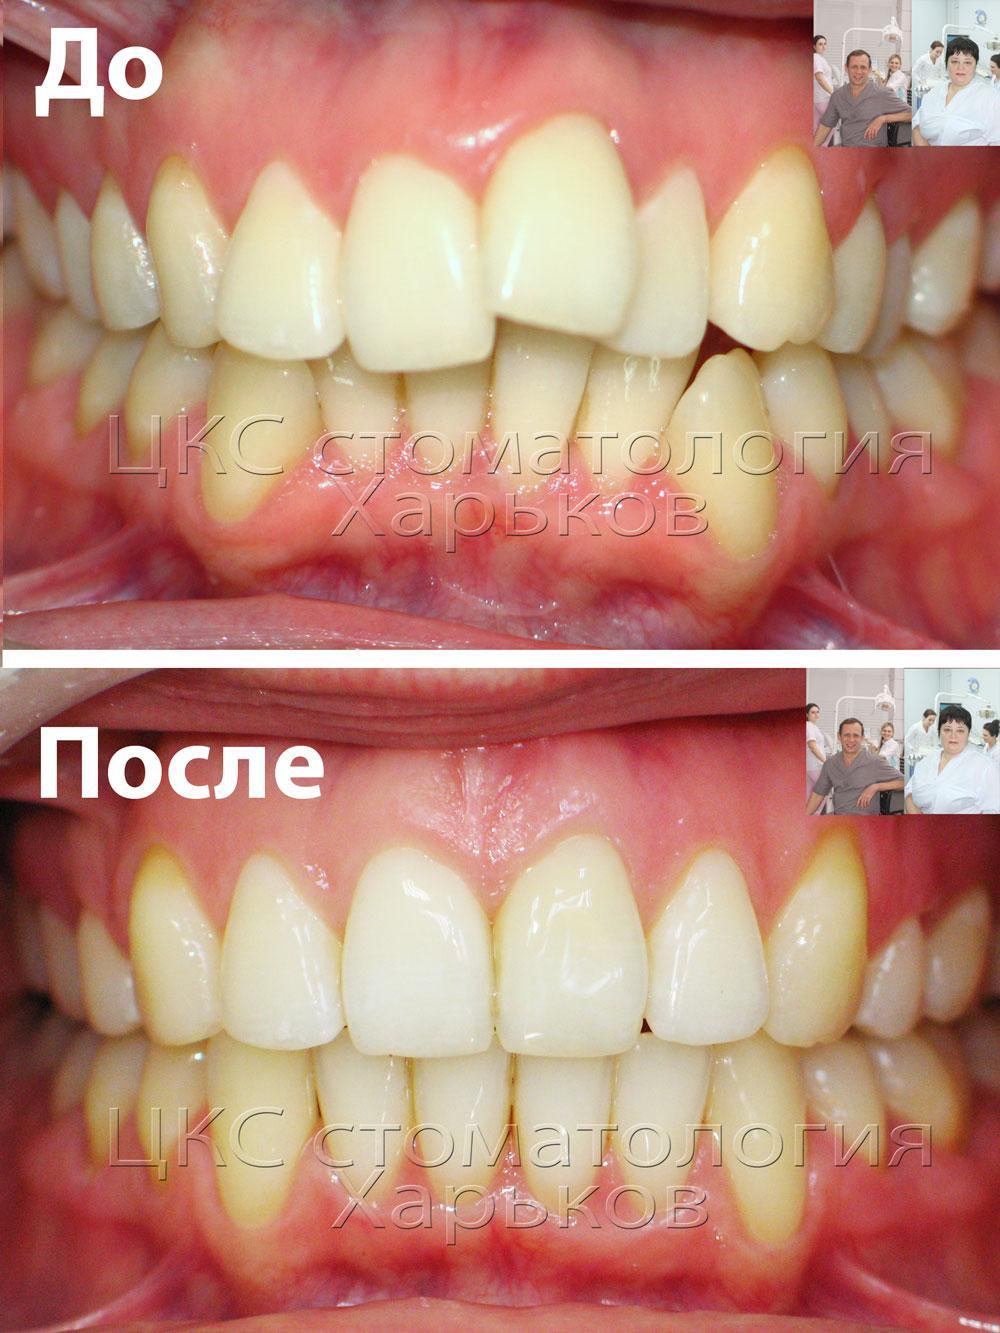 Зубы до и после лечения брекетами в ЦКС